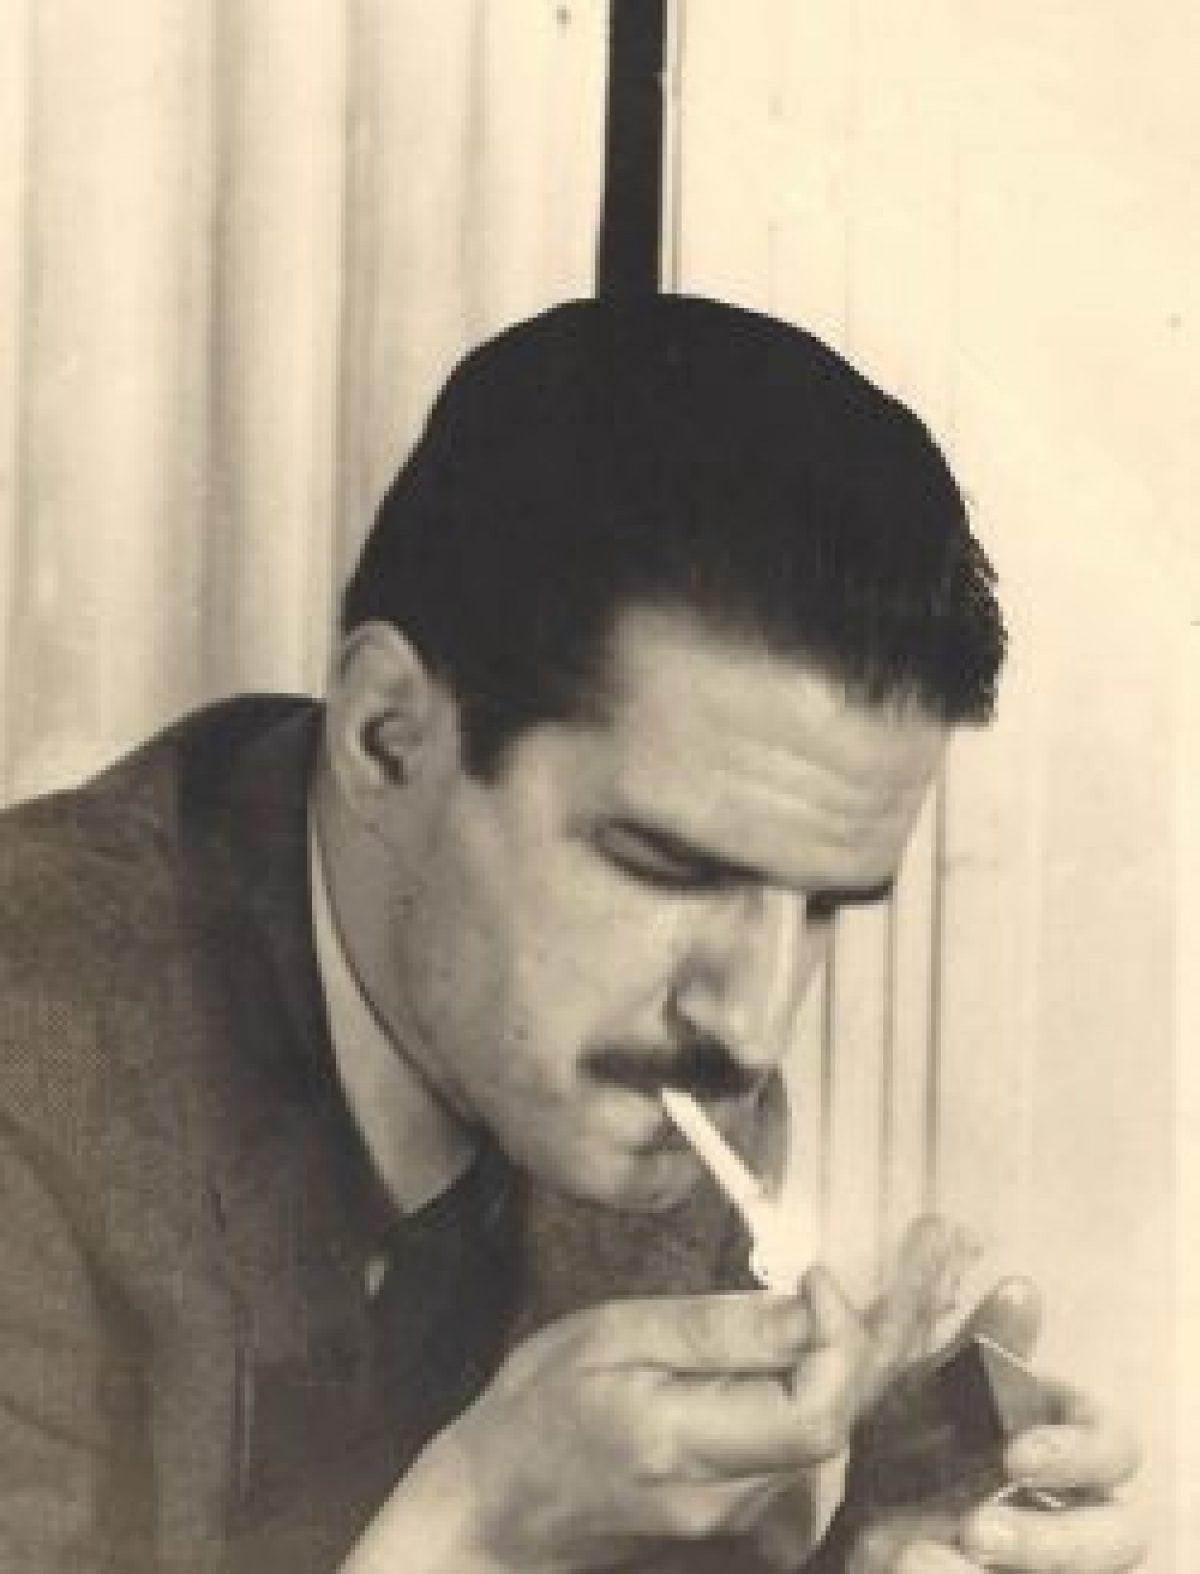 Αφιέρωμα: Νίκος Δεσύλλας (1926-2007)